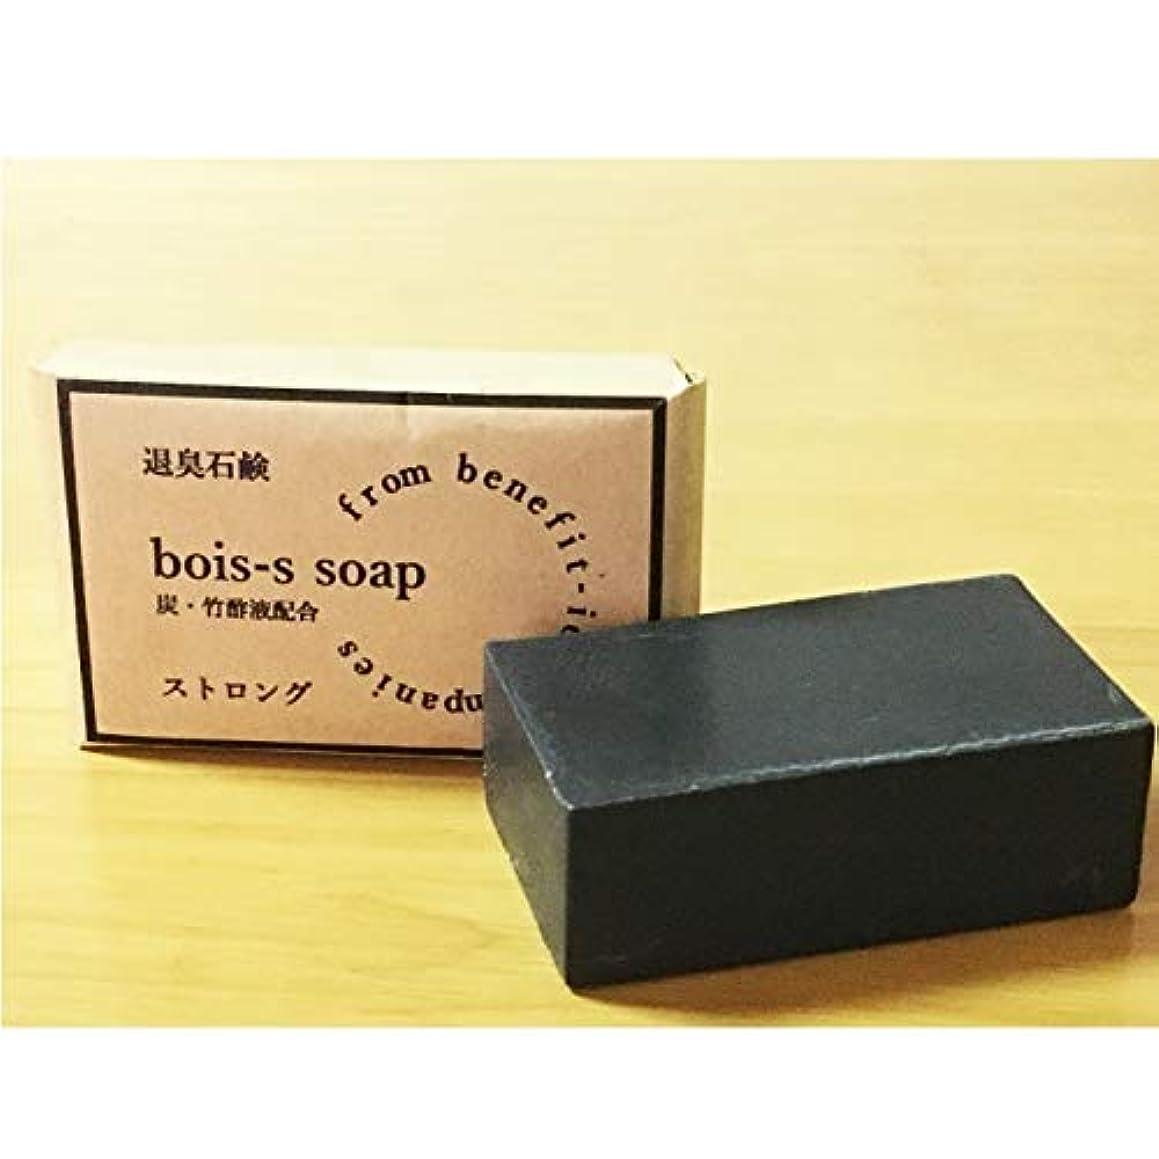 カート誠意新しい意味bois-s 退臭石鹸ボイスソープ ストロング